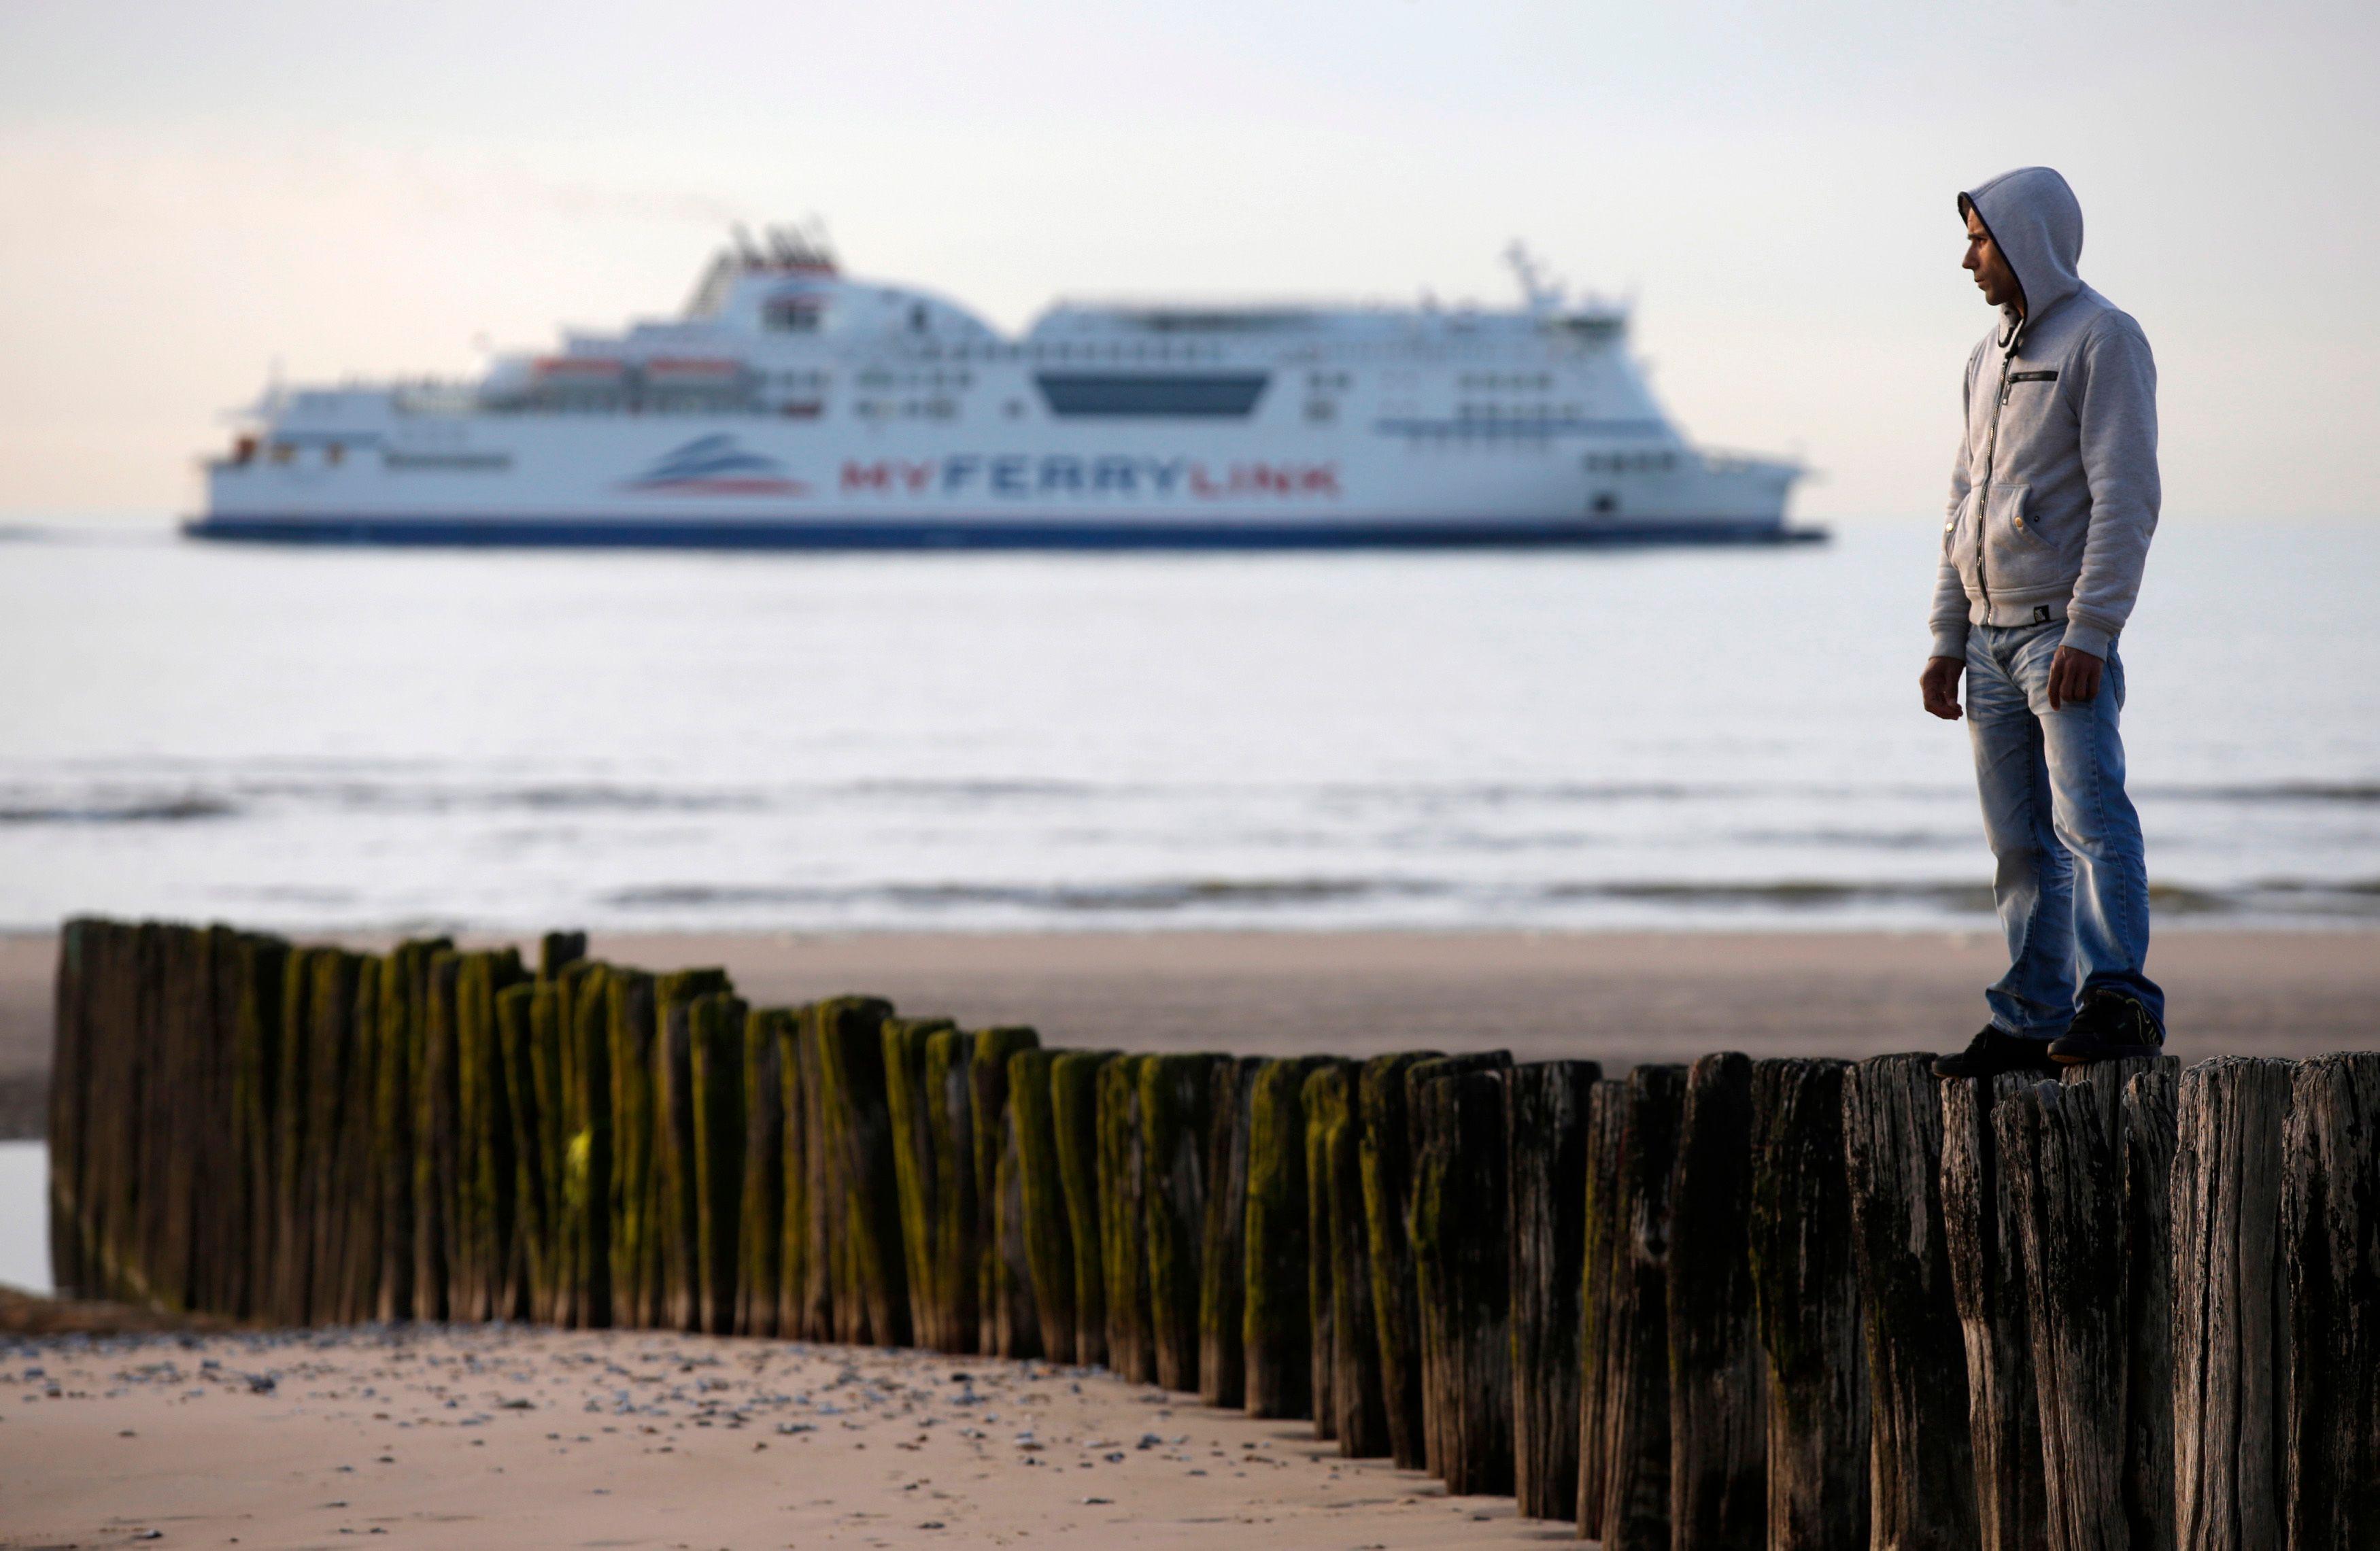 Le gouvernement britannique de David Cameron consacrera dix millions d'euros sur deux ans afin de prendre en charge les migrants en créant un commandement unifié à Calais et à Folkestone (Royaume-Uni)